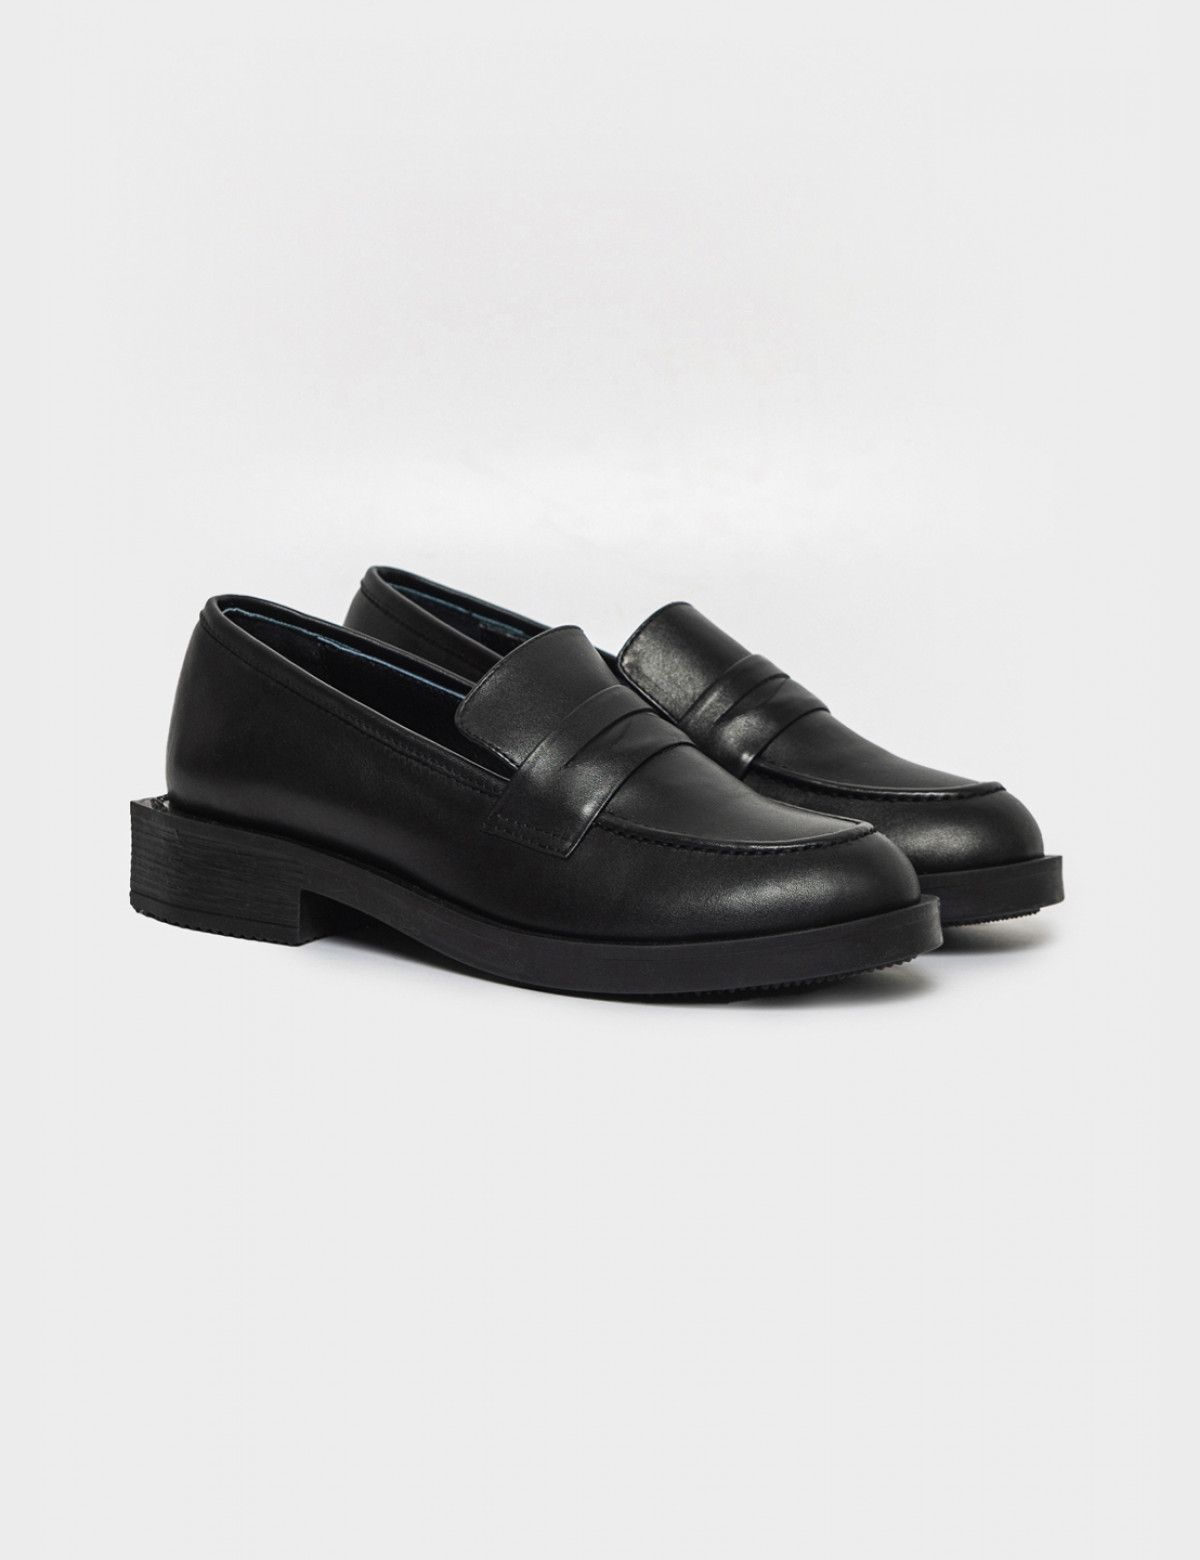 Туфлі чорні. Натуральна шкіра1